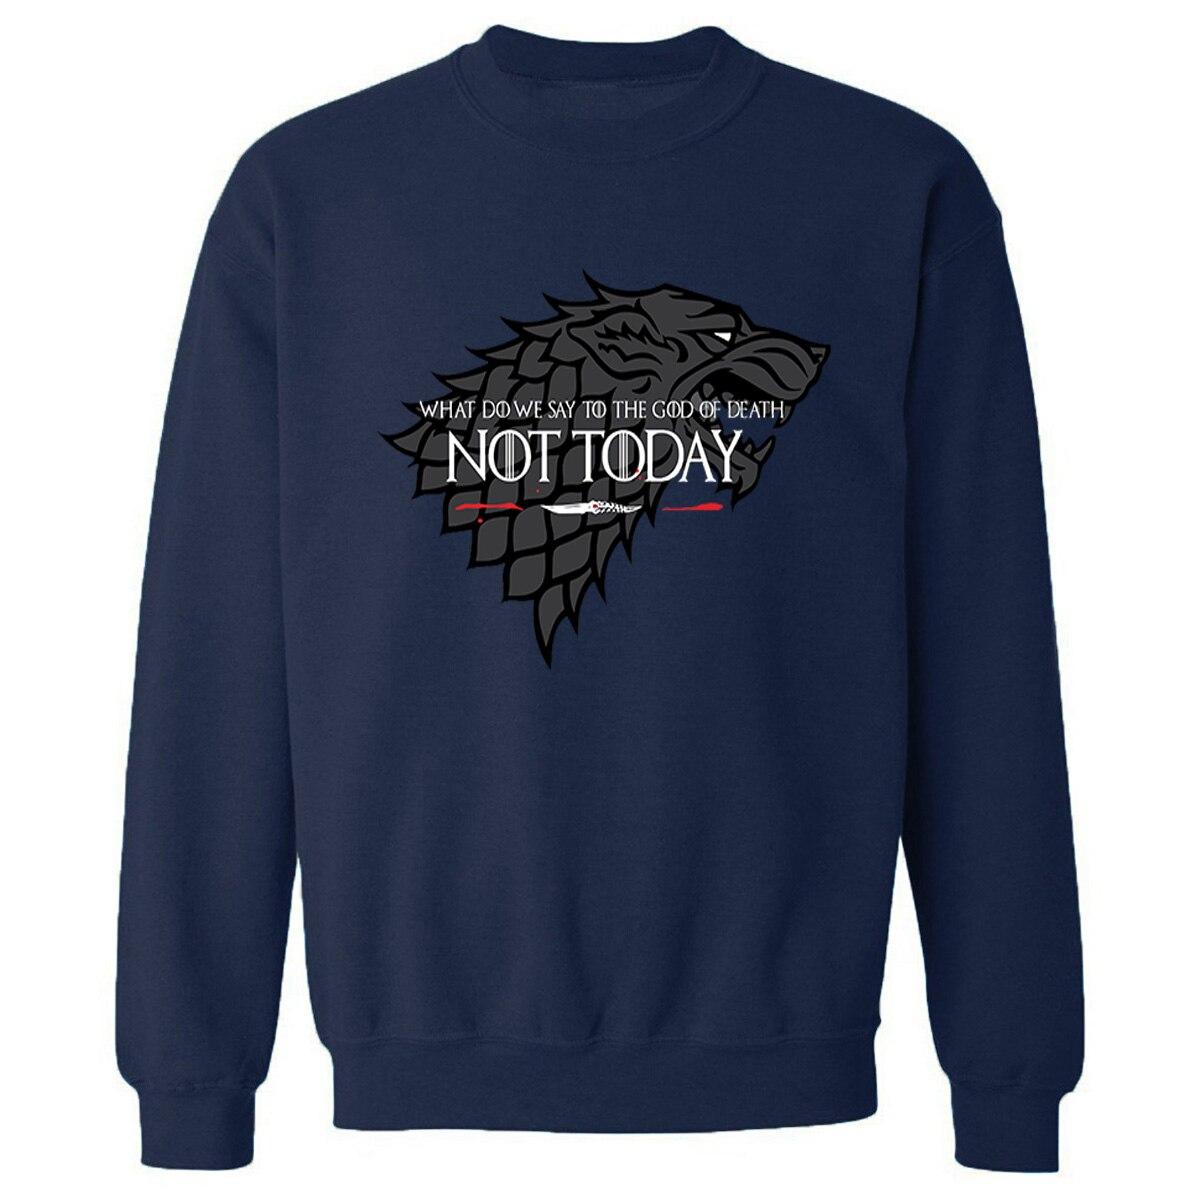 NOT TODAY Sweatshirt Men Game Of Thrones Hoodie Stark Wolf Men's Sweatshirts 2019 Autumn Winter Pullovers Harajuku Streetwear